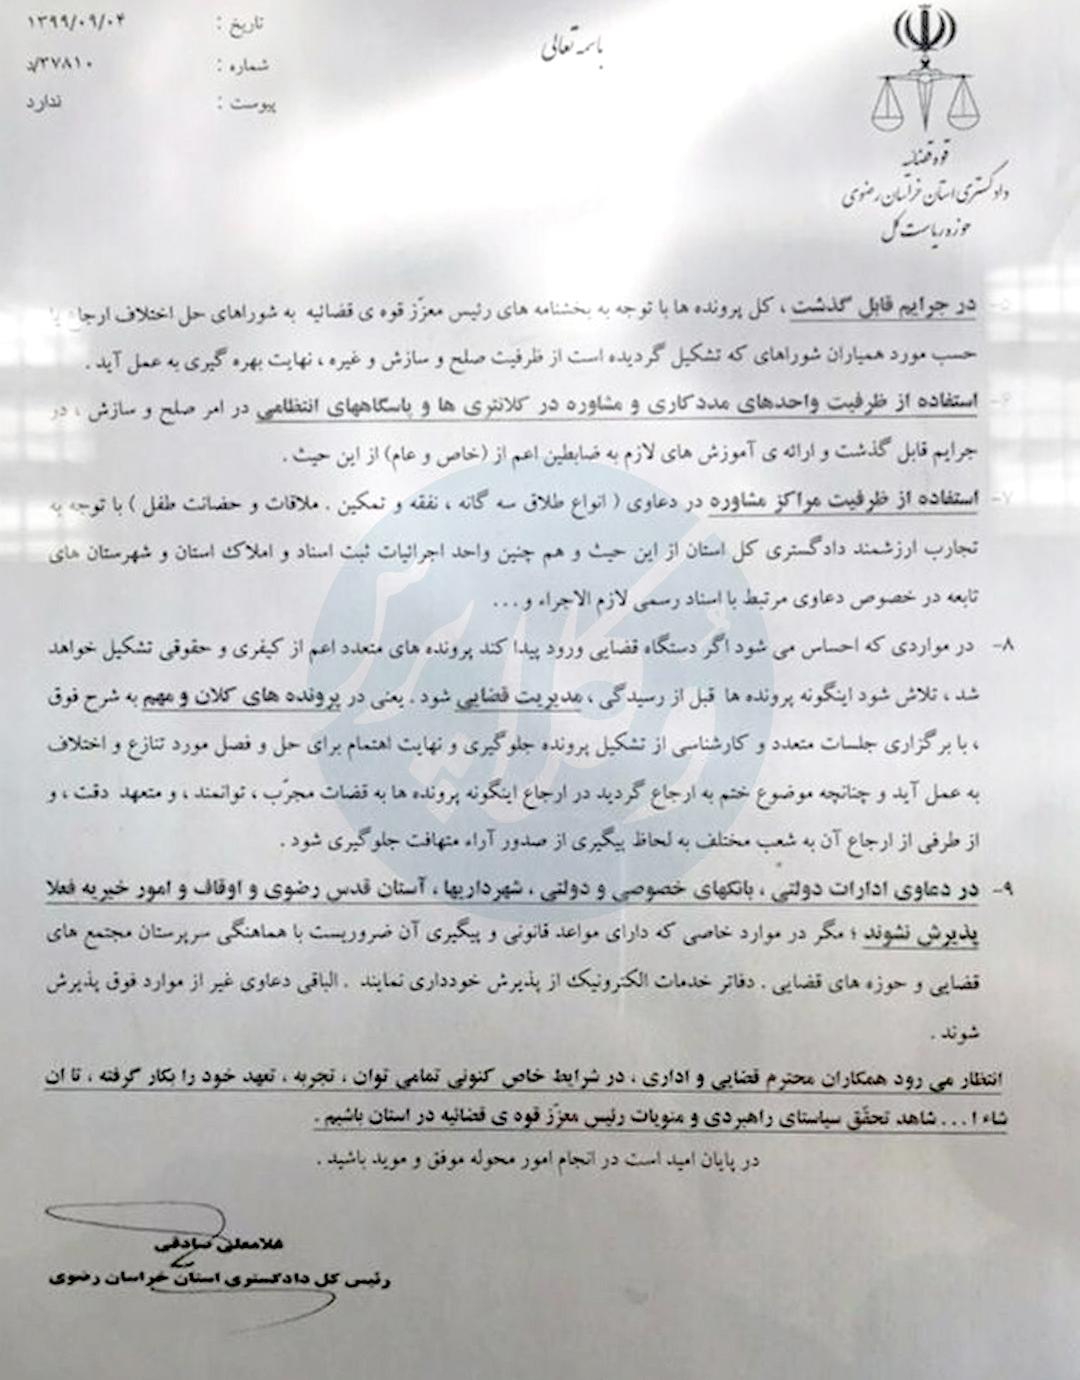 بخشنامه مدیریت پرونده های قضایی در دادگستری استان خراسان رضوی